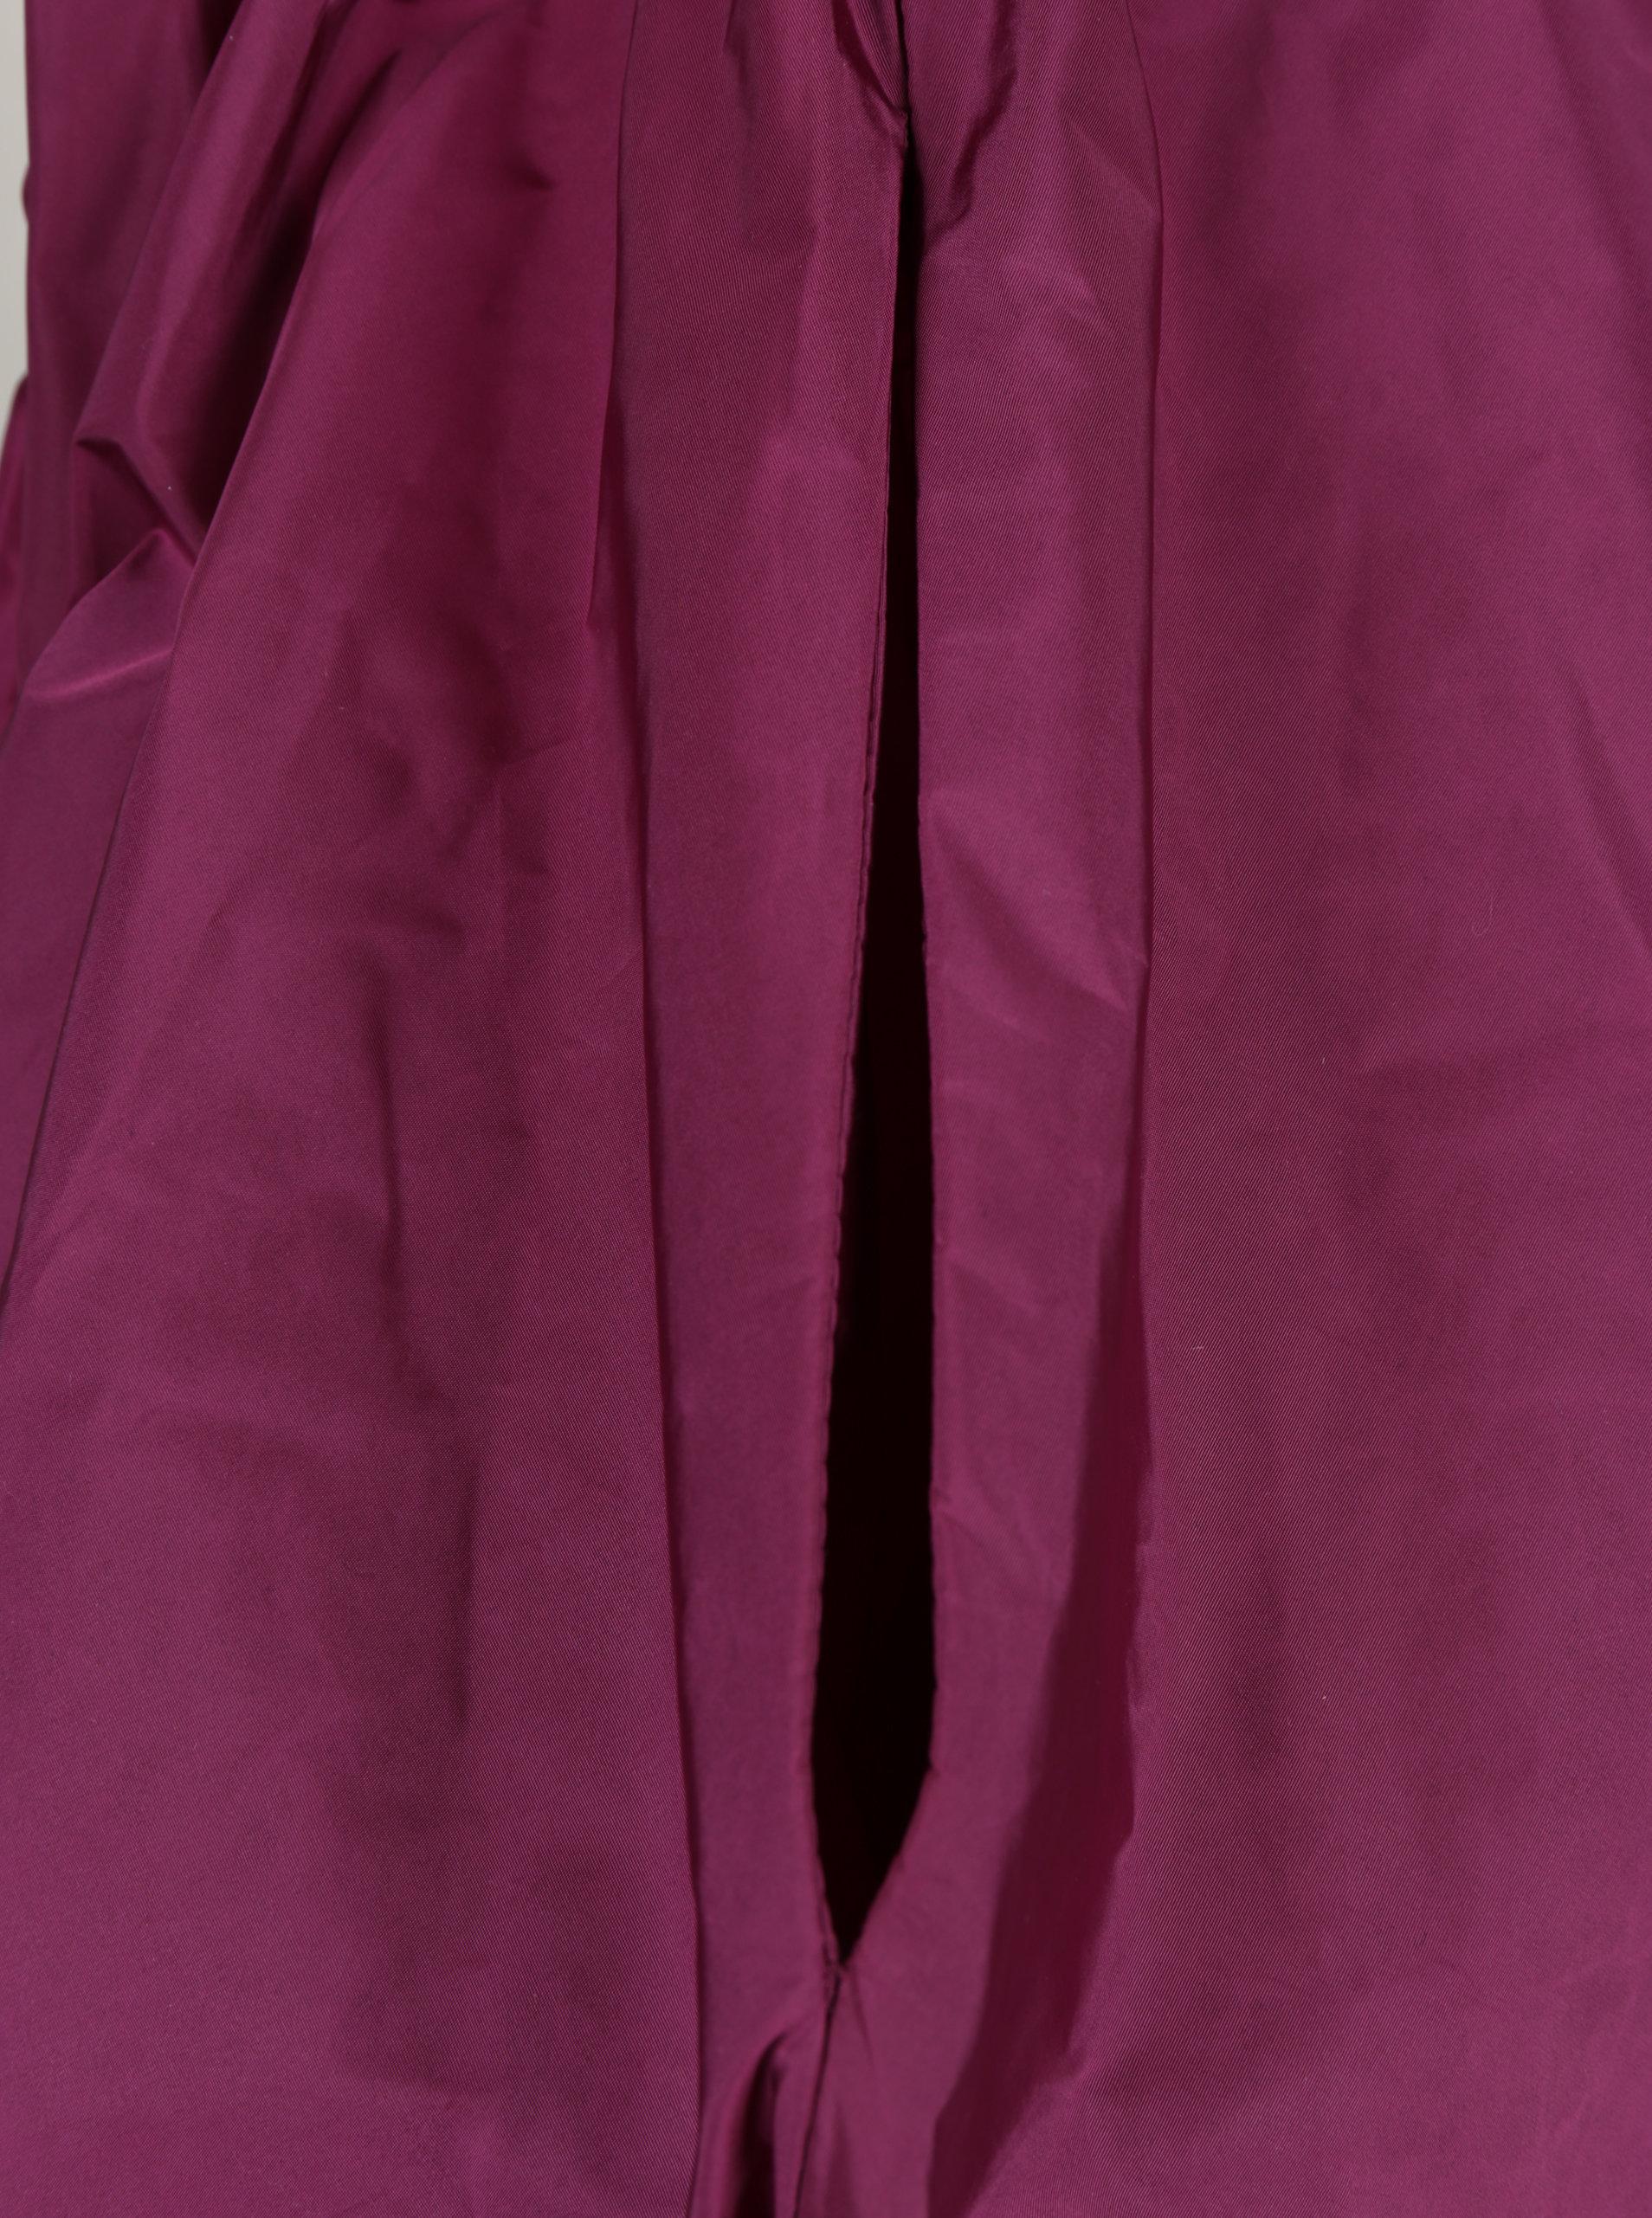 Fialová balónová sukně s kapsami Bianca Popp ... e65c5fe6e0